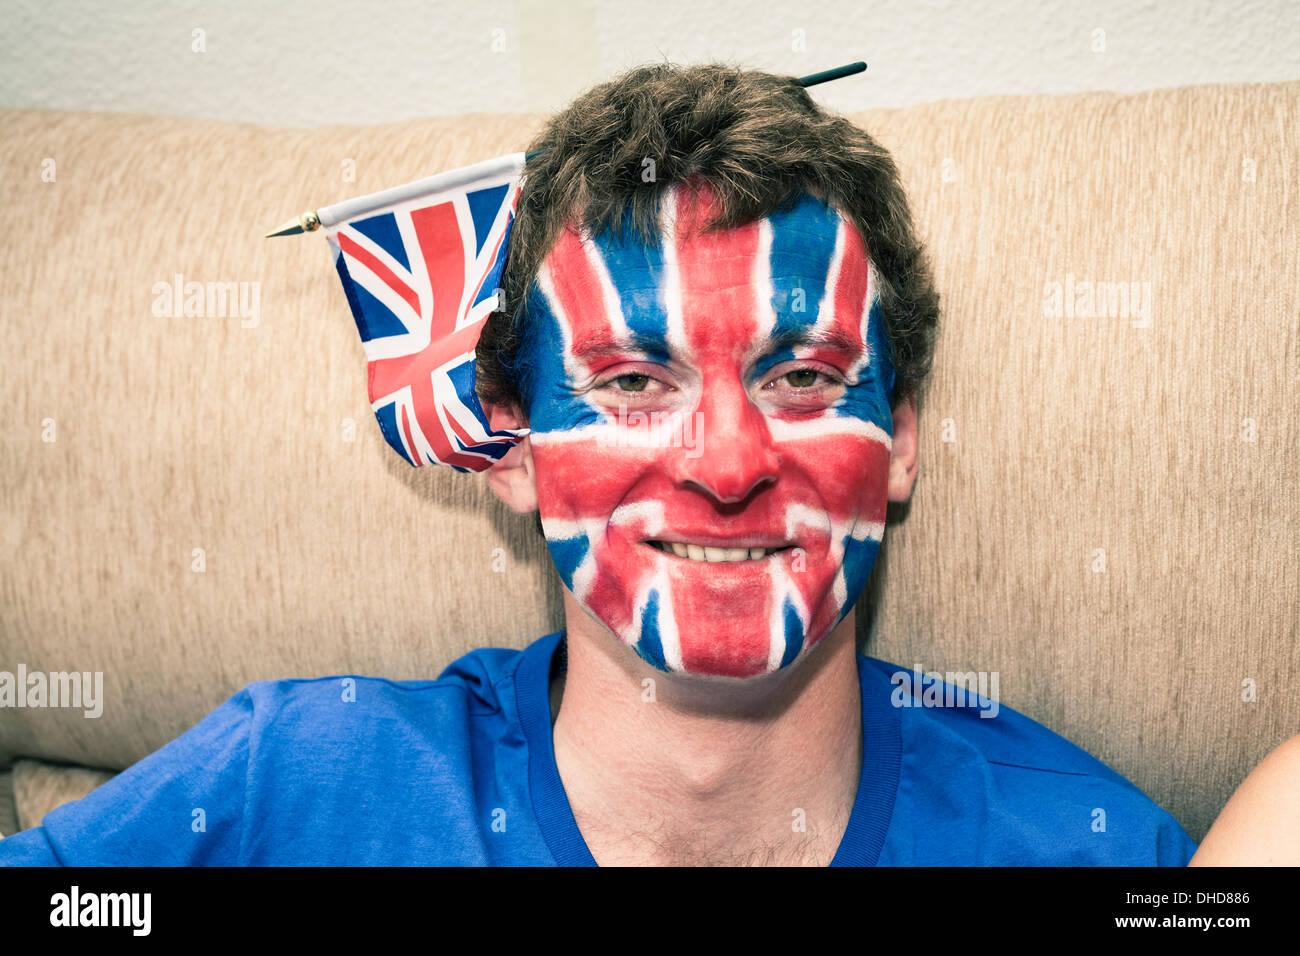 Retrato de gracioso hombre con bandera británica pintada en su rostro. Imagen De Stock